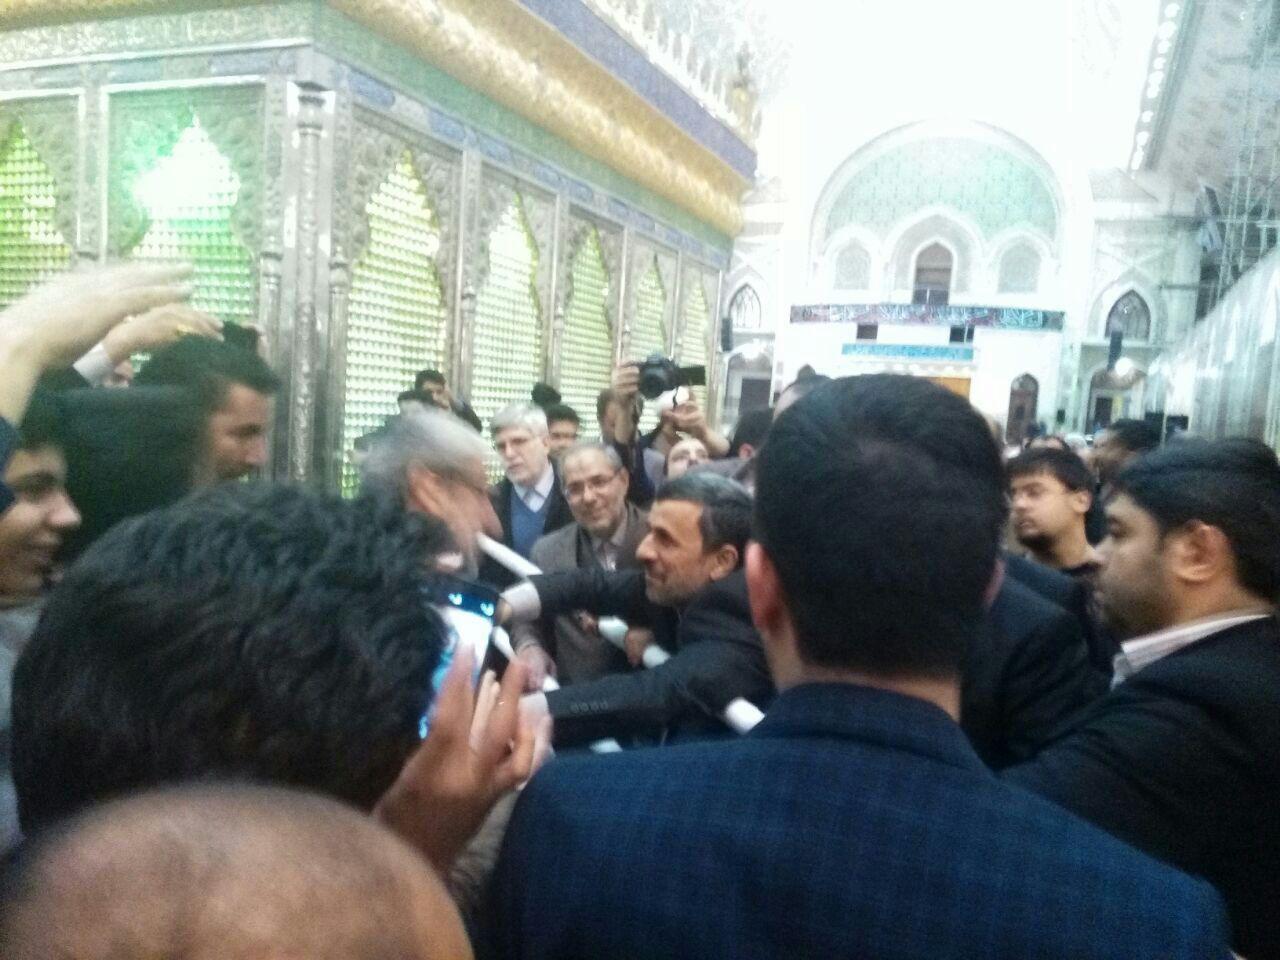 احمدی نژاد با بقایی به حرم امام رفت/سیدحسن خمینی از او استقبال نکرد